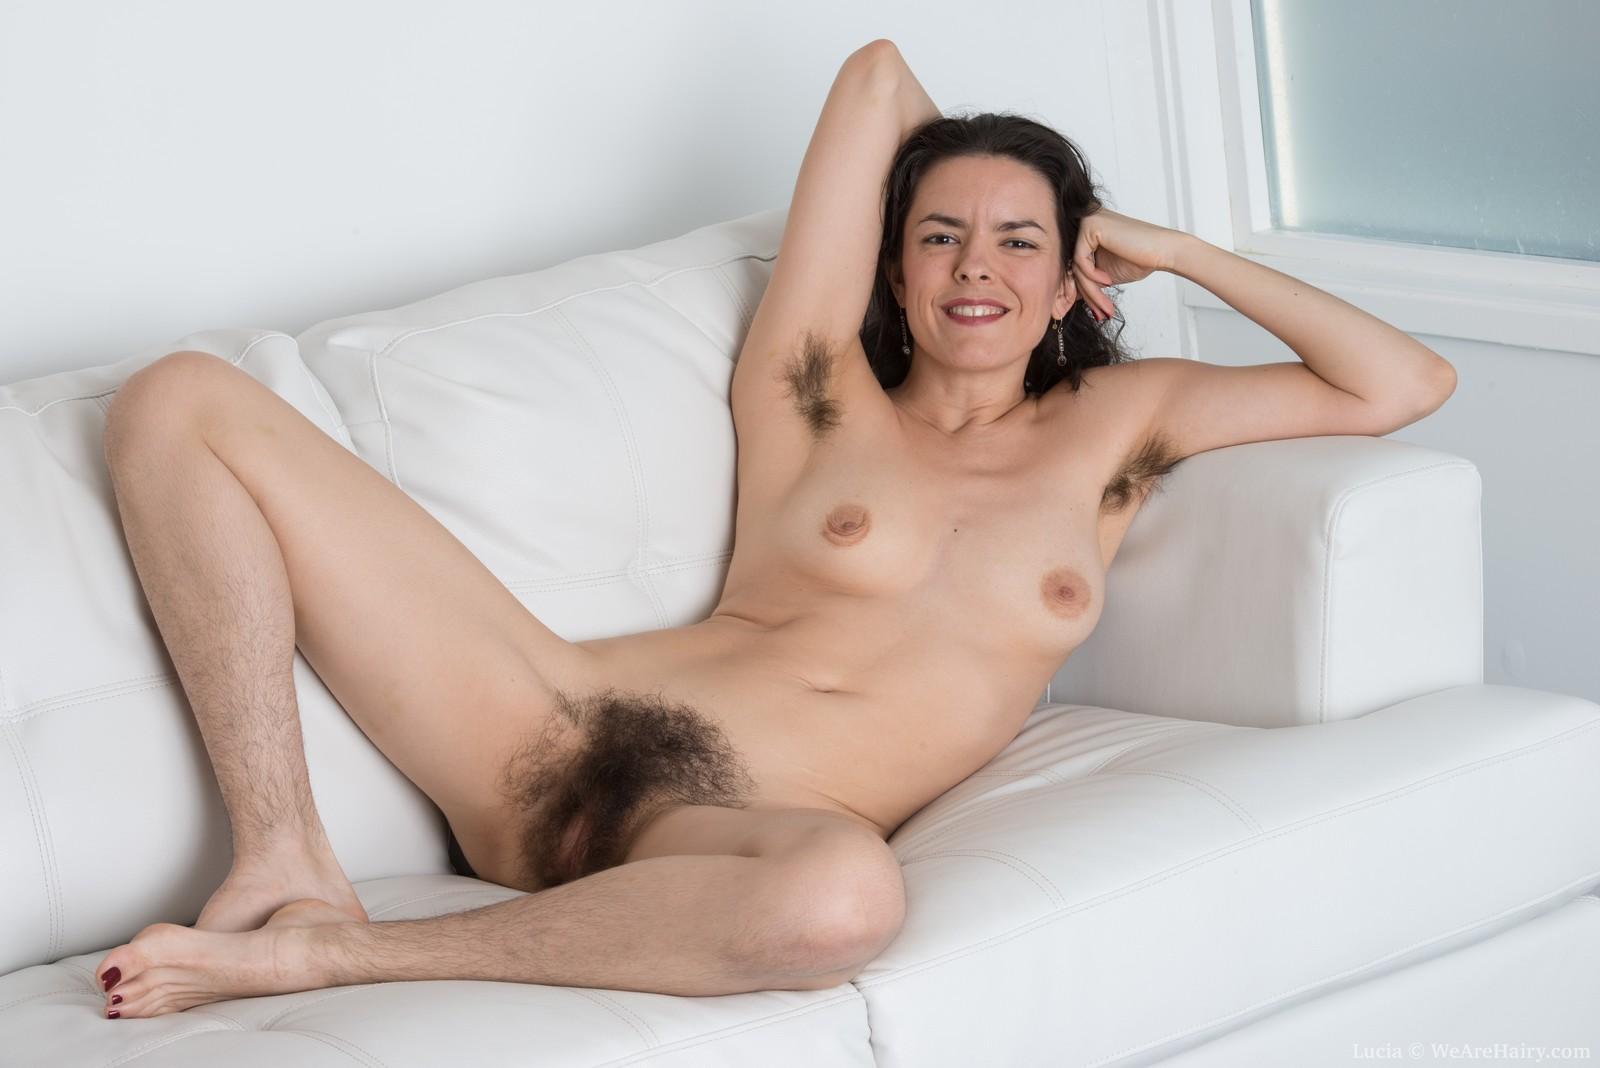 Голубоглазой порно девушка волосатый ножками одногруппницей видео жадно